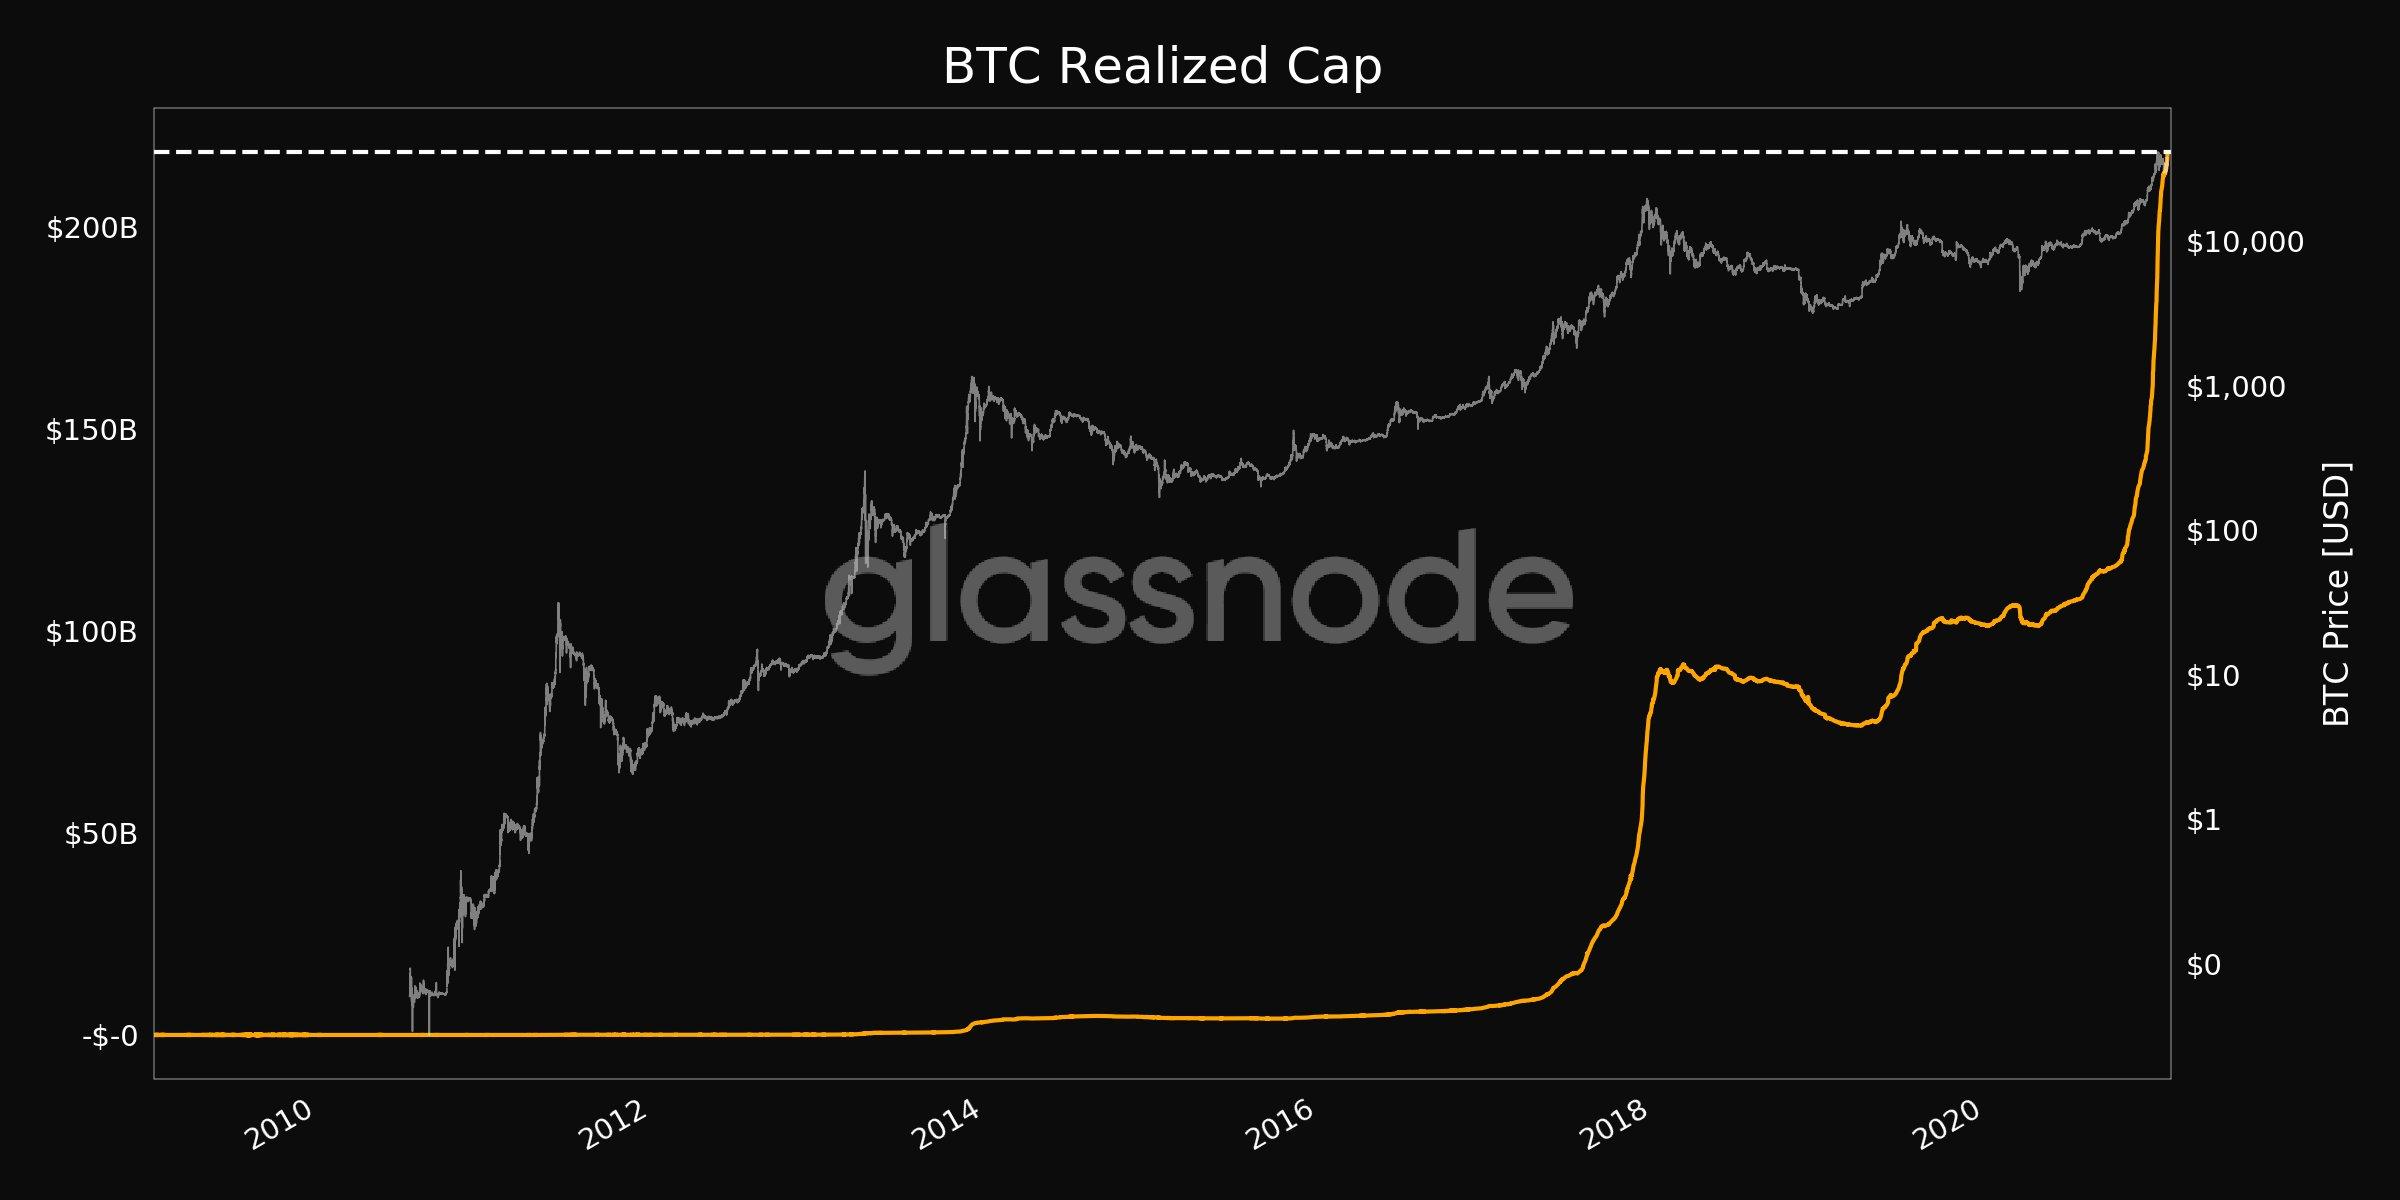 Las salidas de Bitcoin Miner golpean a ATH, que sigue